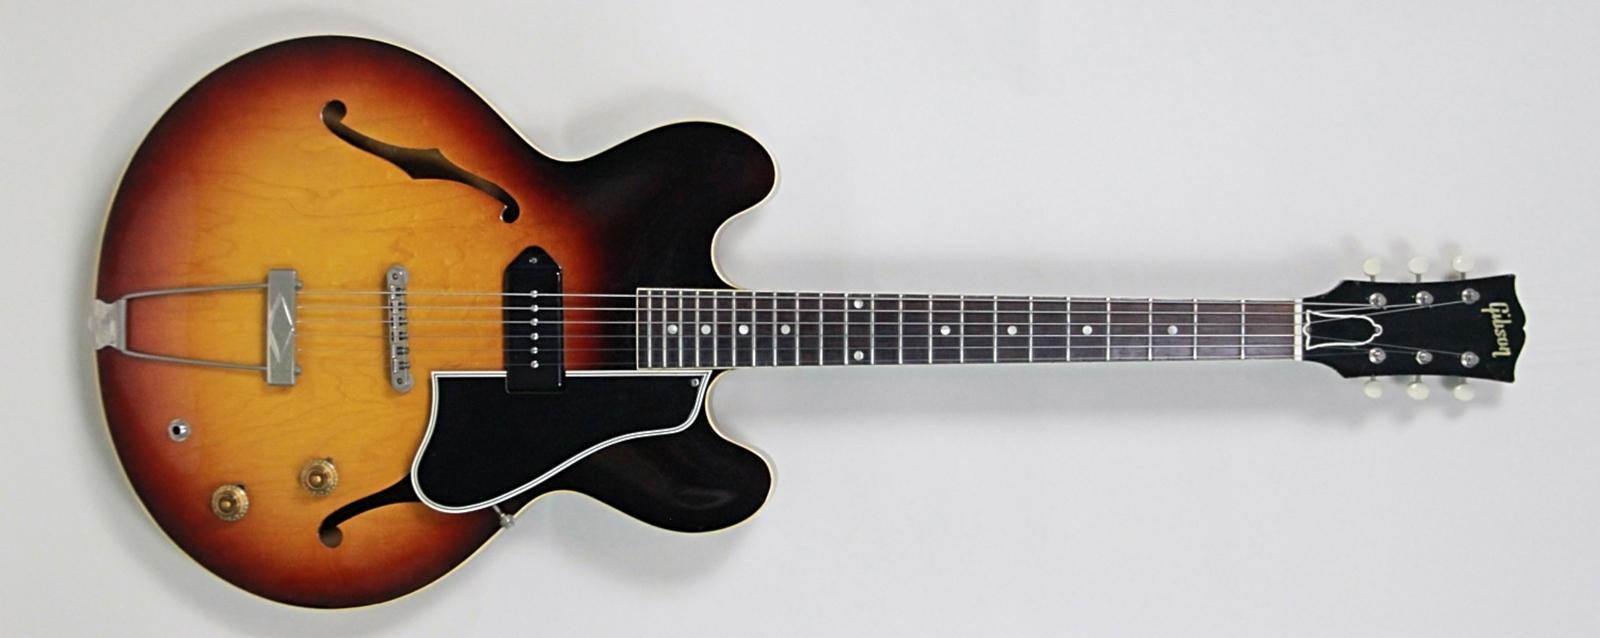 gibson es 330 vintage modern guitars. Black Bedroom Furniture Sets. Home Design Ideas